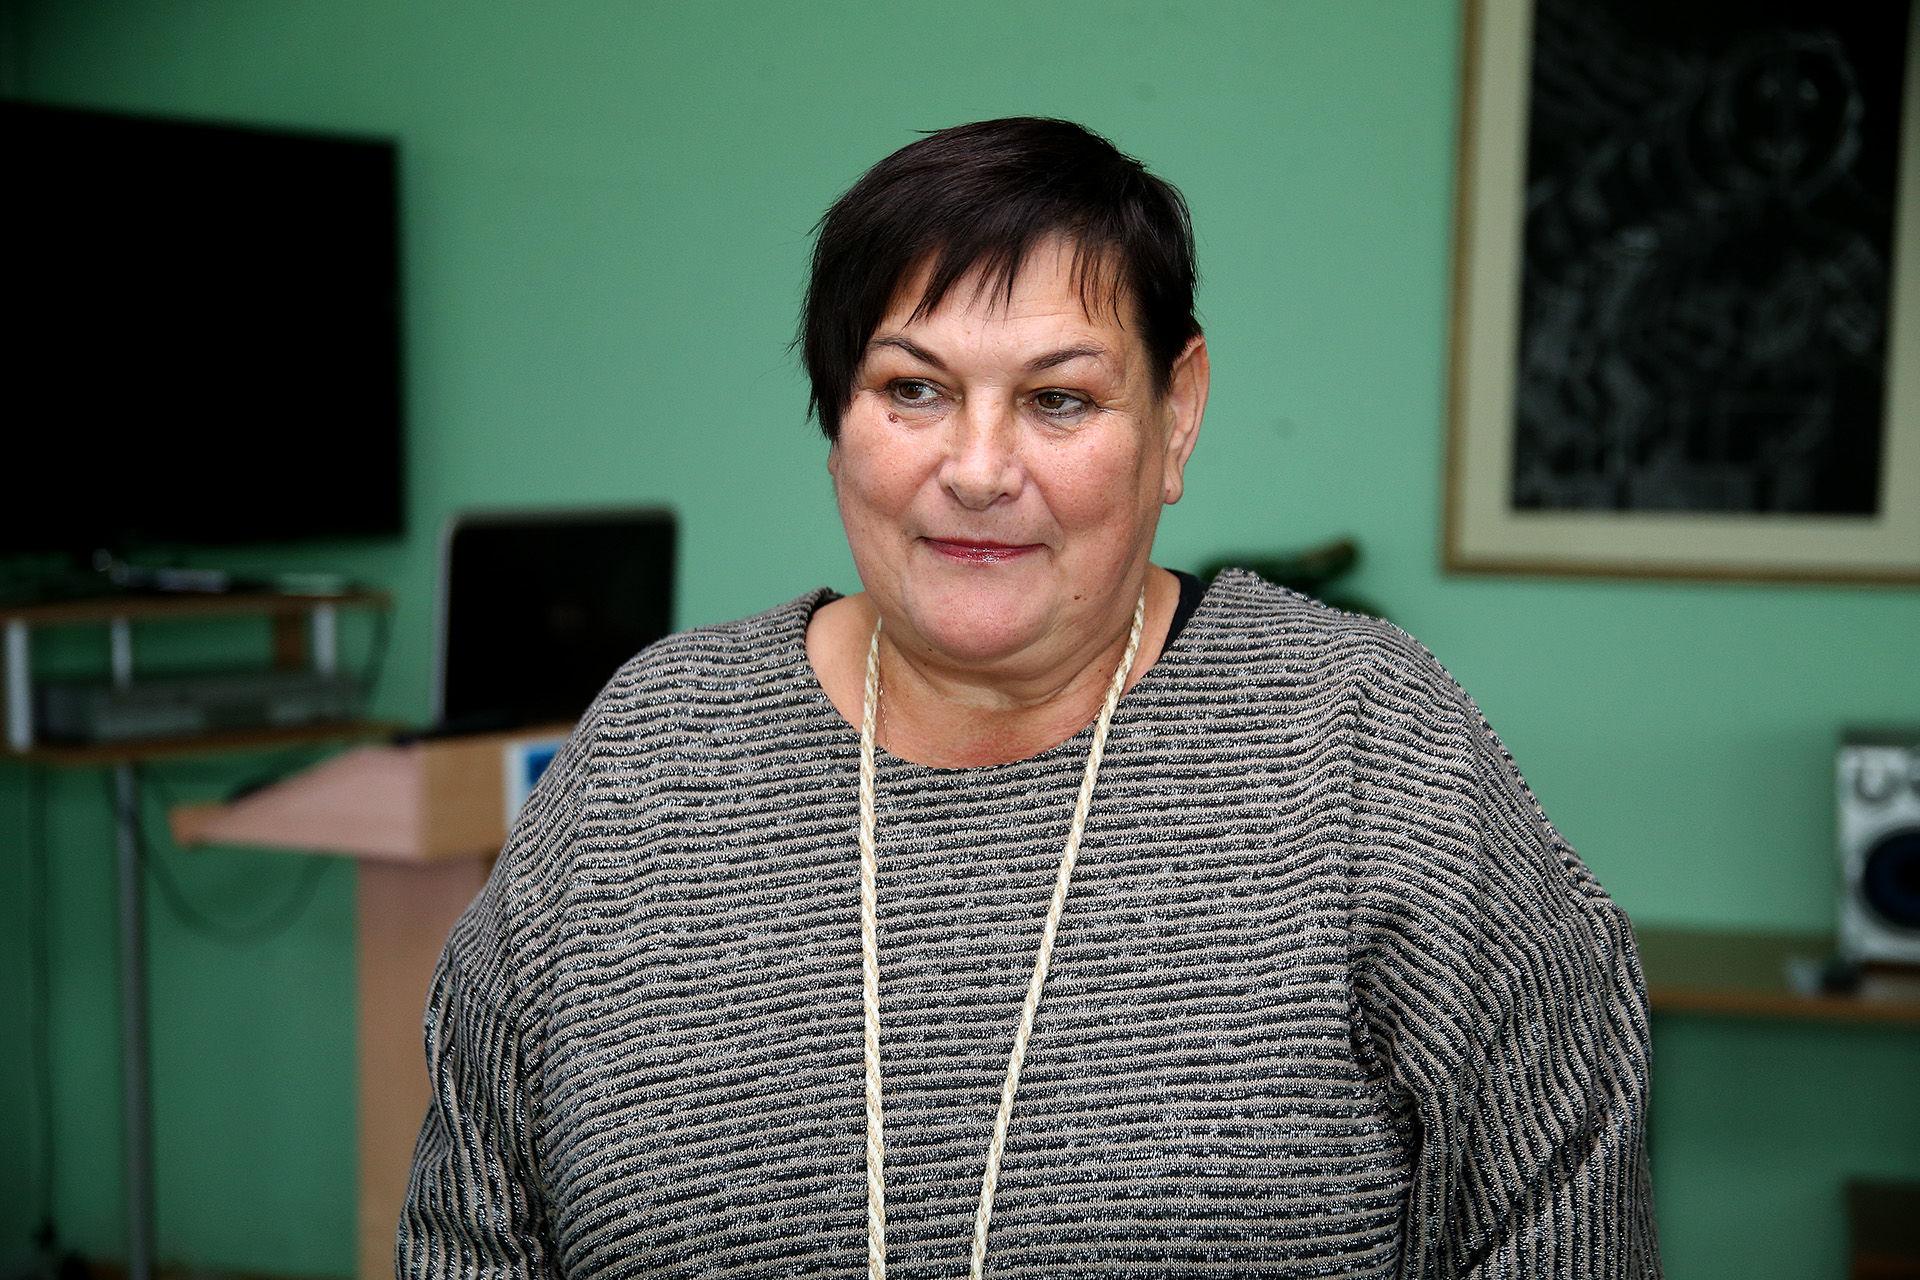 Kėdainių suaugusiųjų ir jaunimo mokymo centro direktorė Irina Jančiukienė džiaugiasi prieš ketverius metus Suaugusiųjų ir jaunimo mokymo centre įsteigto Trečiojo amžiaus universiteto veikla. / A. Barzdžiaus nuotr.